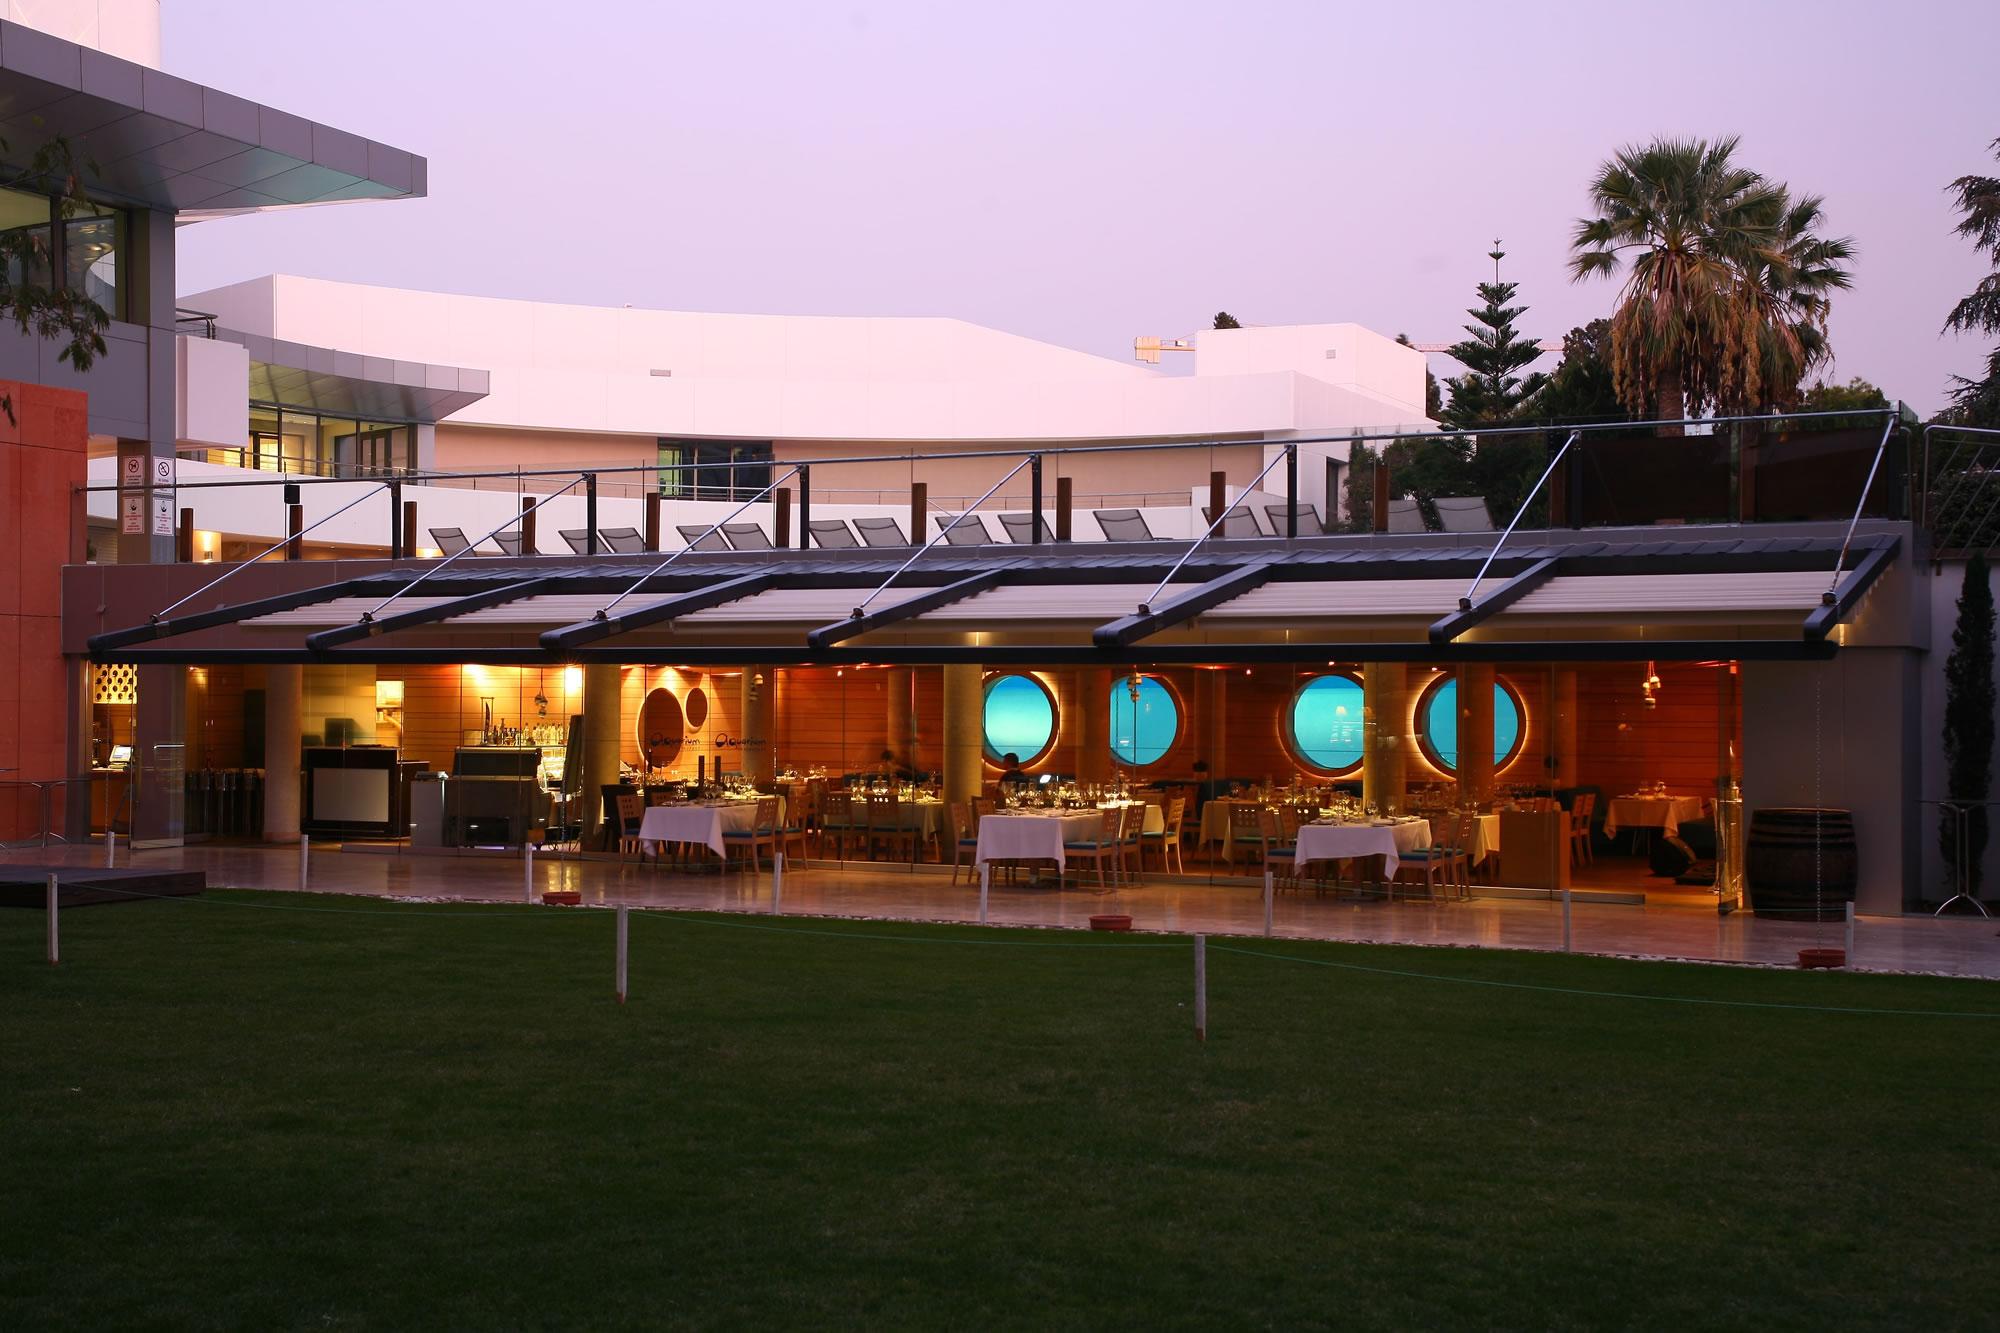 Bild von Pergola Panorama